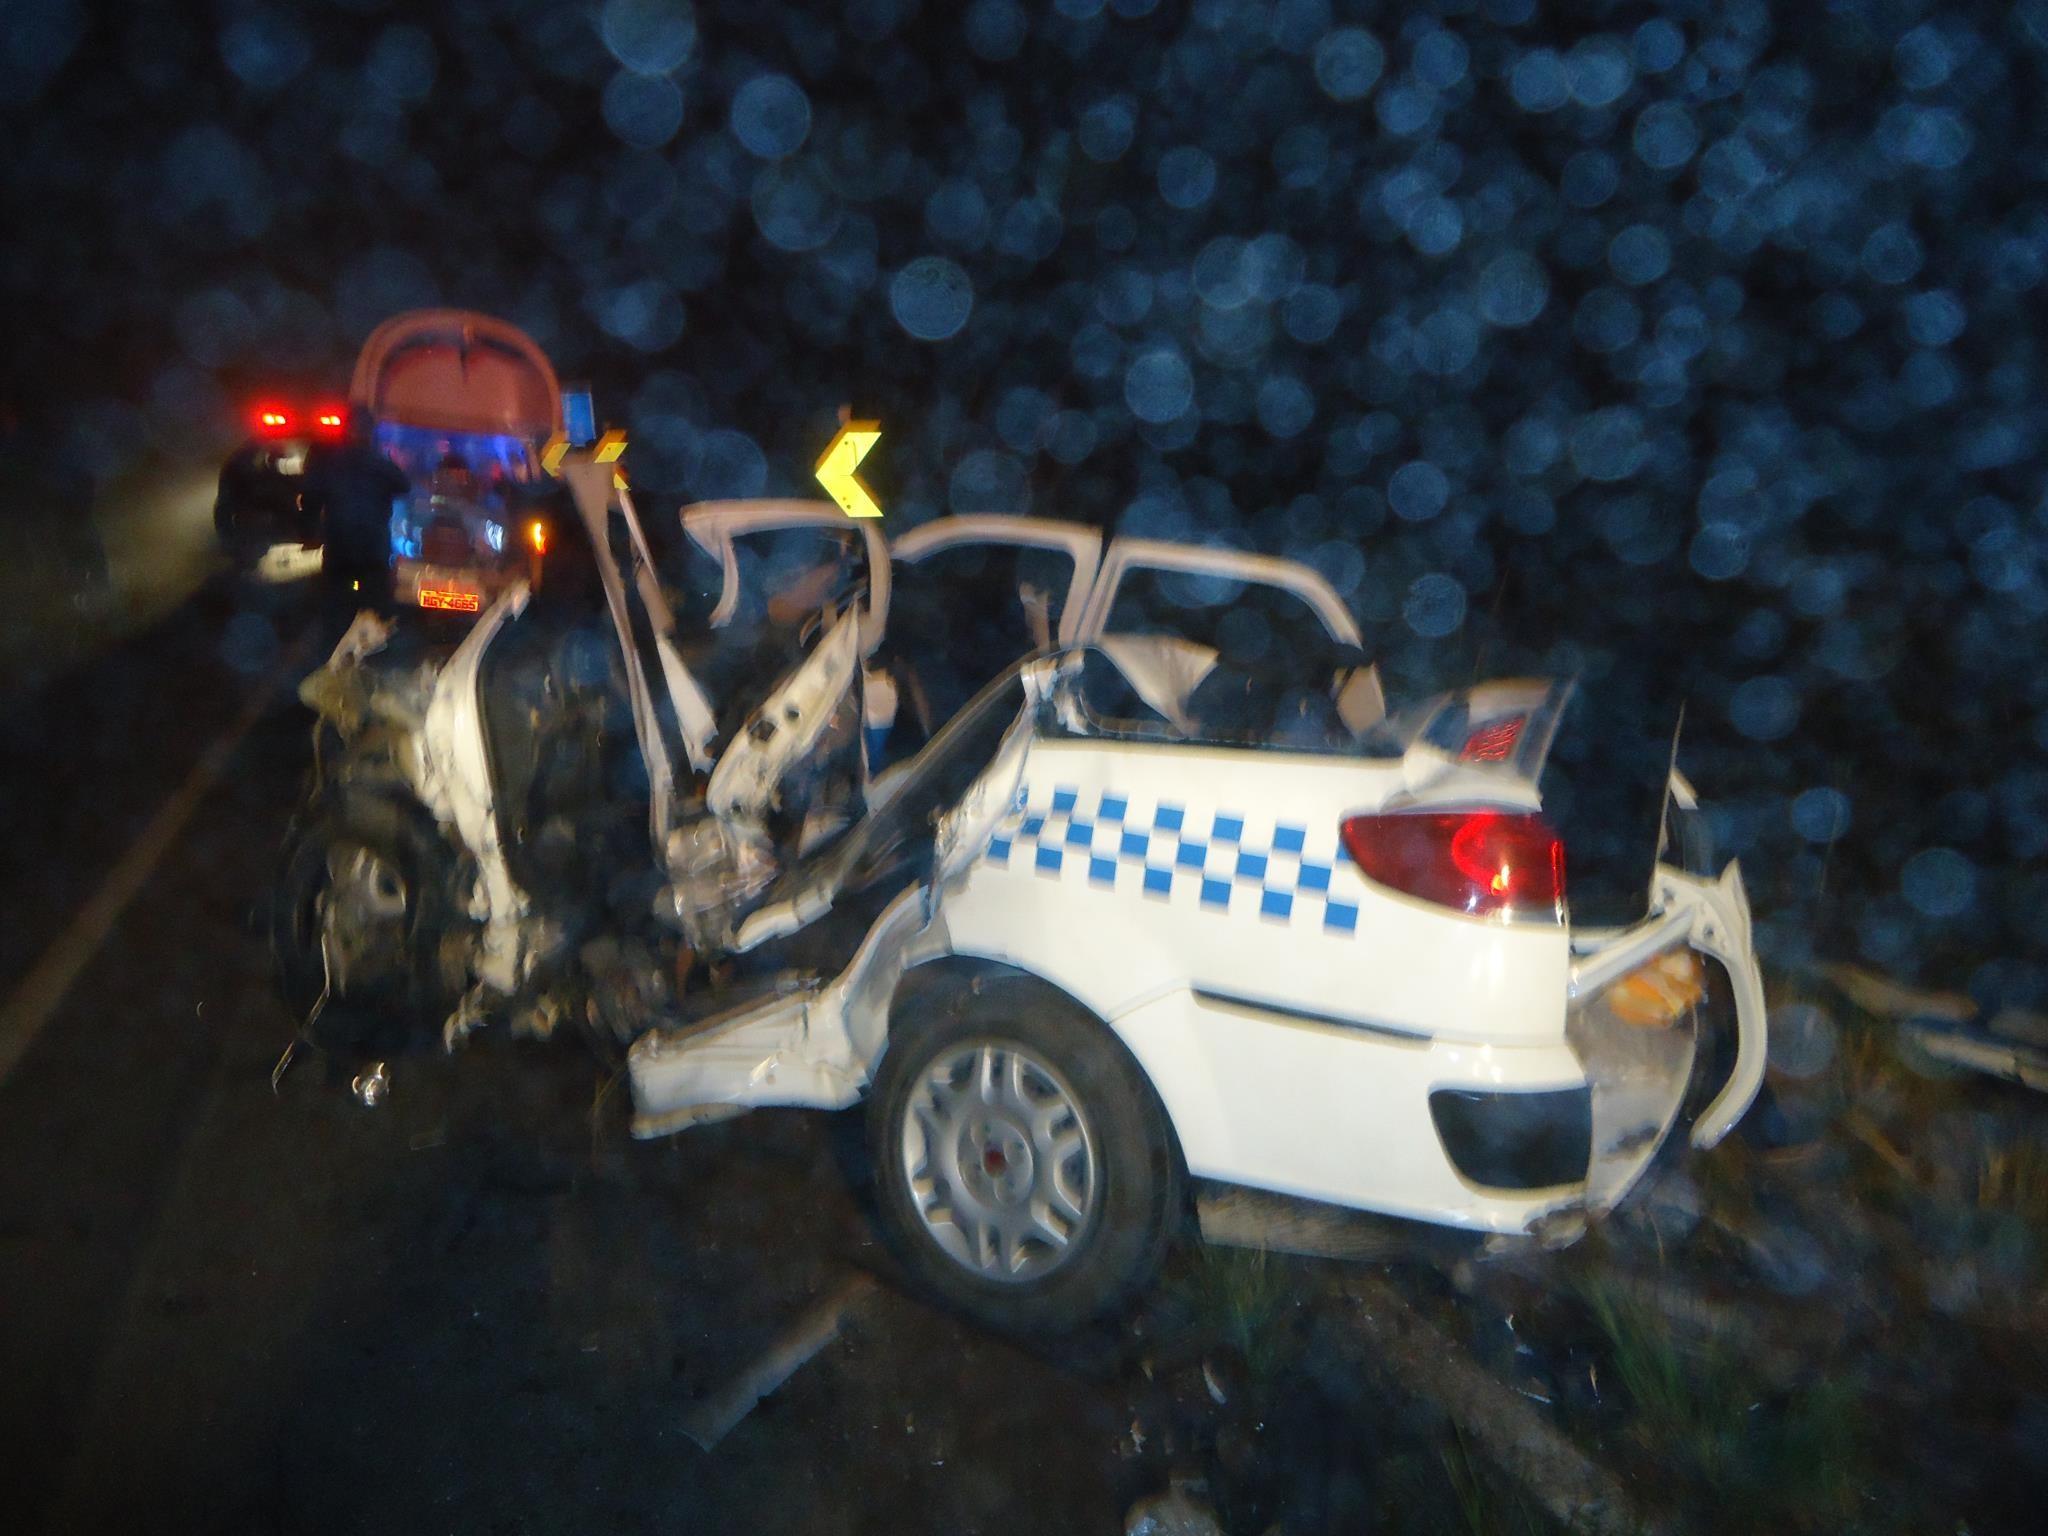 Carro ficou destruído em acidente na BR-153, em Água Doce (Foto: Corpo de Bombeiros Militar/Divulgação)